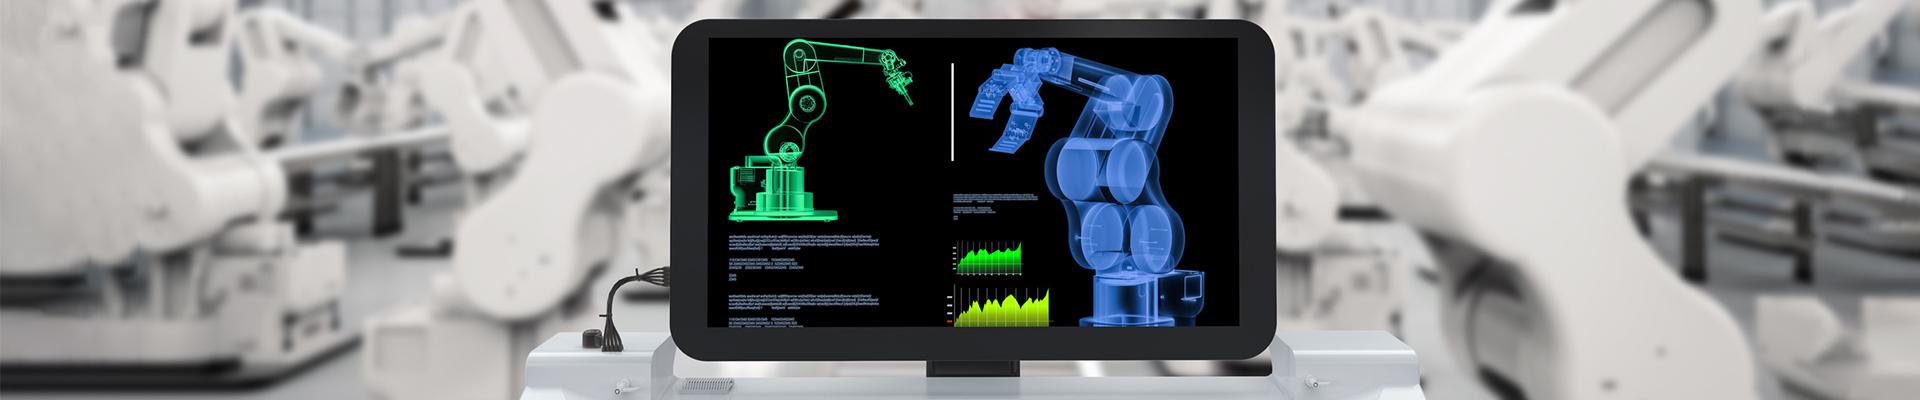 Whitepaper: Edge-basierte Industrieanwendungen für industrielle Machine-Vision-Anwendungen